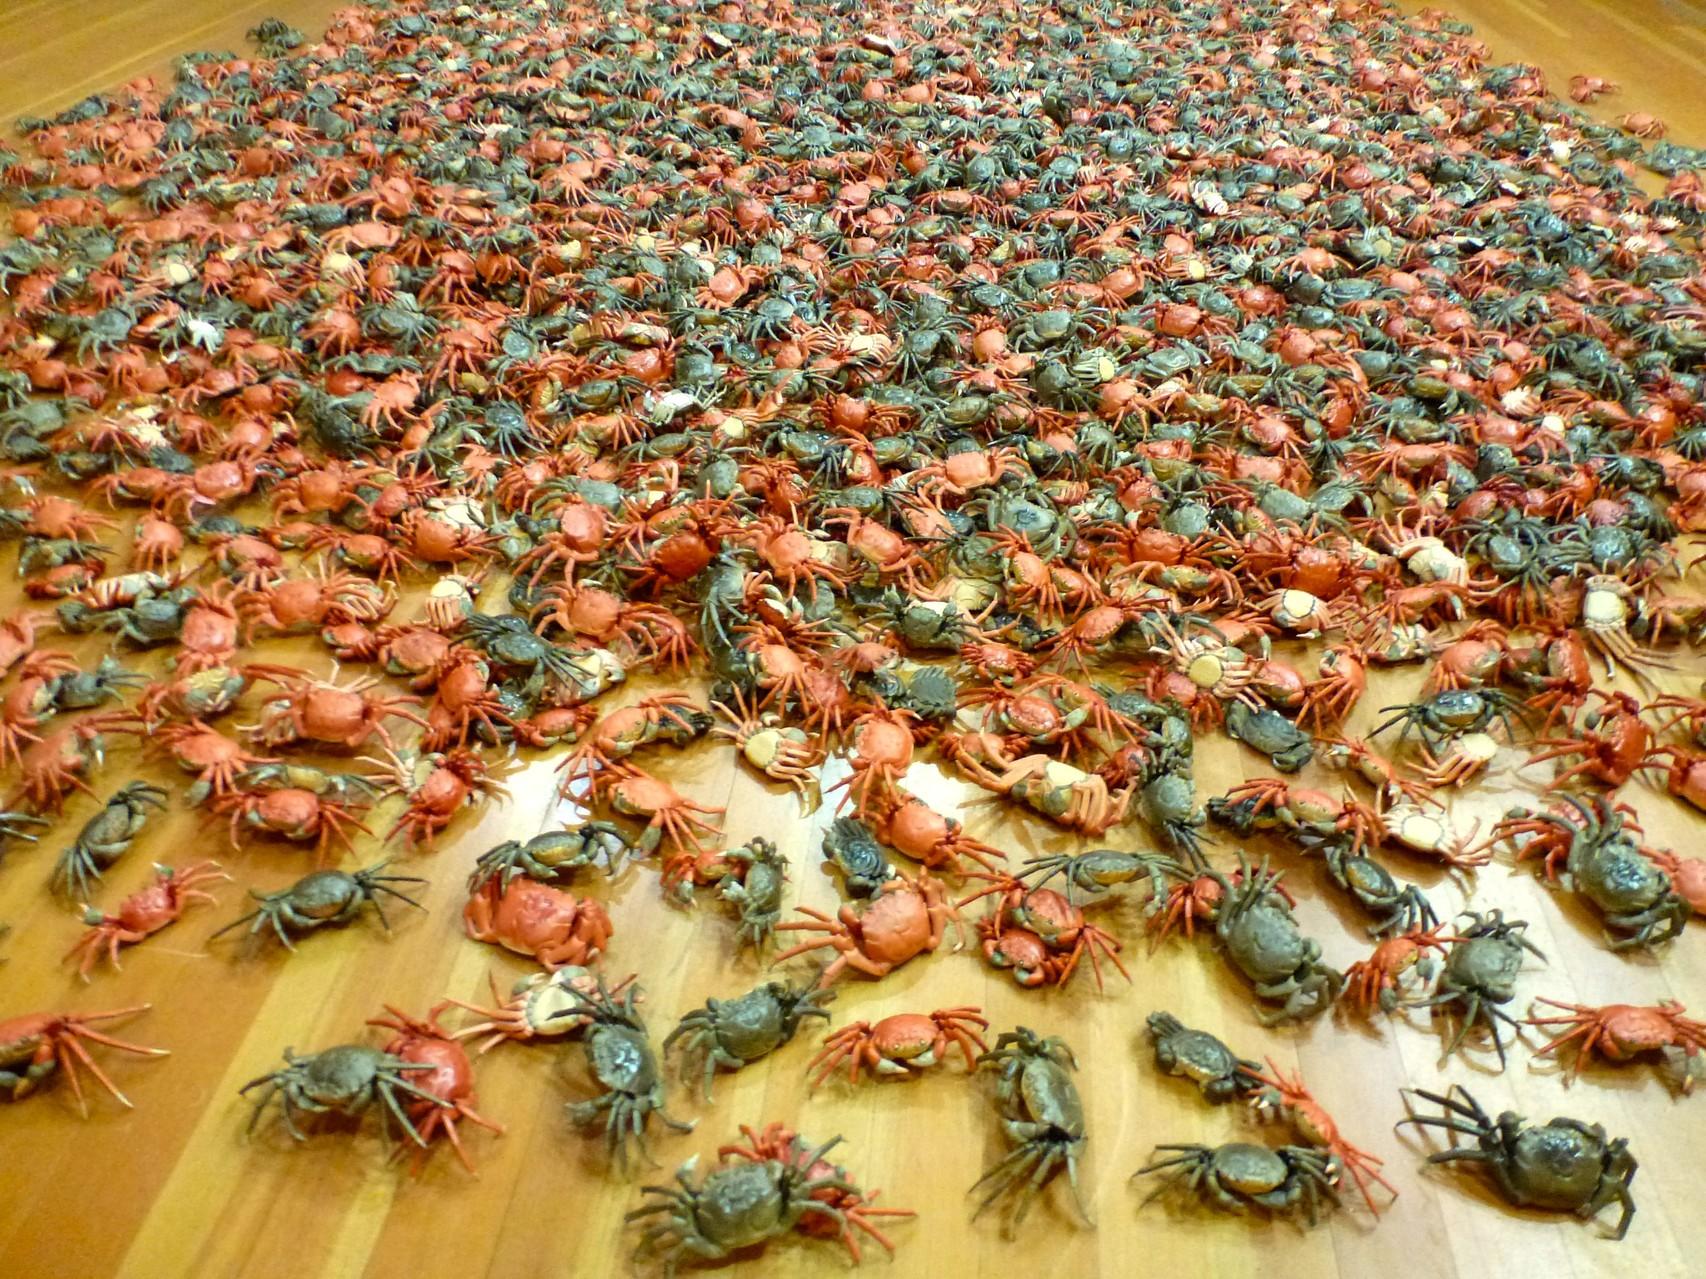 He Xie - Crabs (Flussskrabben)